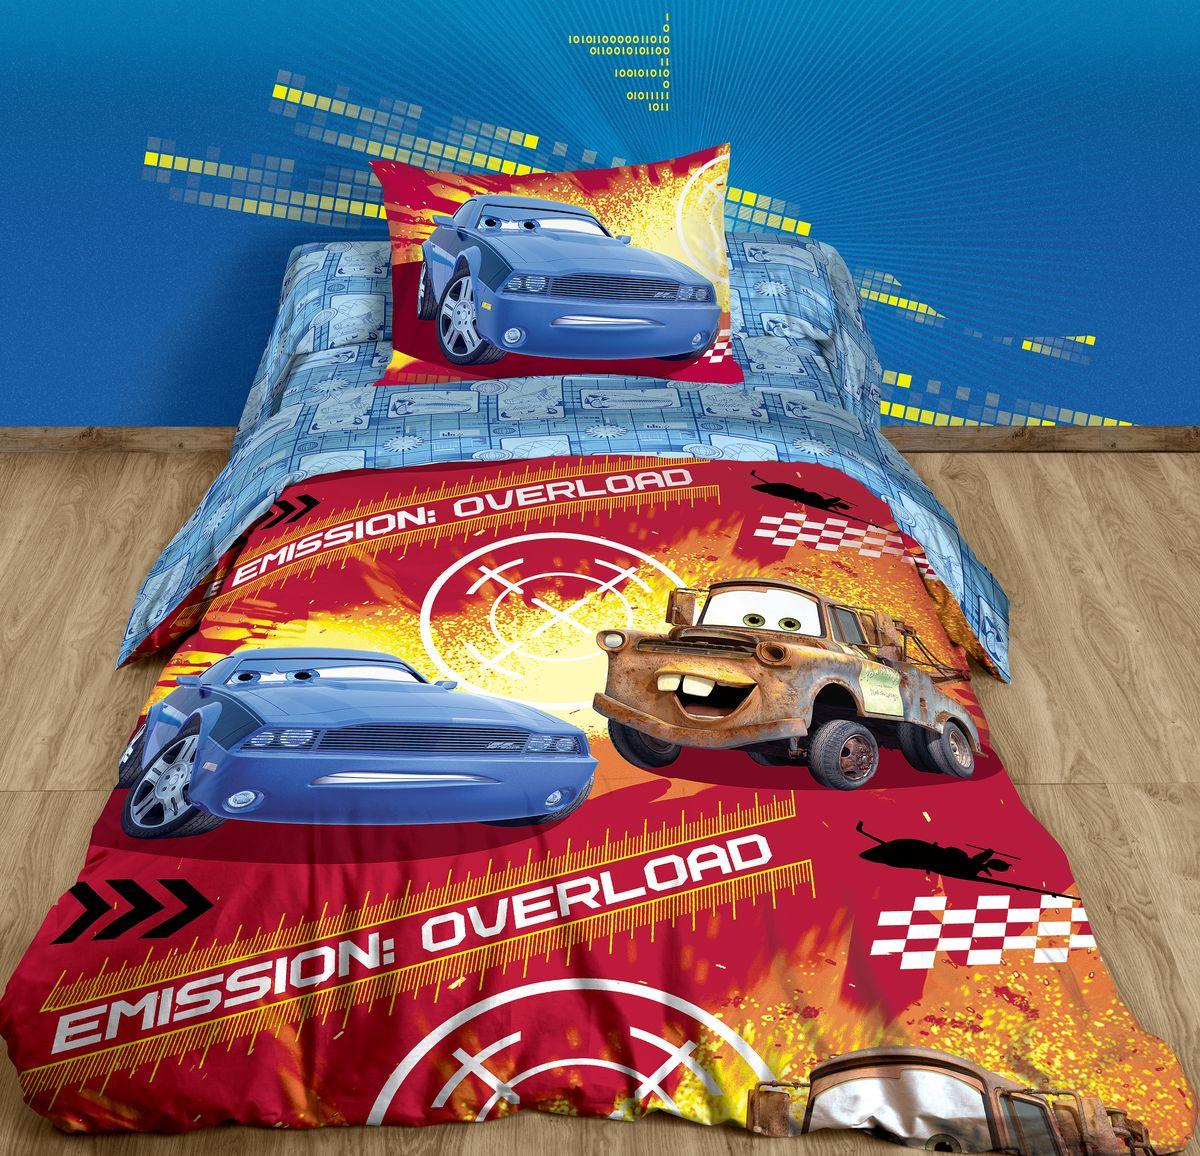 Комплект белья Disney, 1,5-спальный, наволочка 70х70, цвет: красный + ПОДАРОК: Наволочка Disney Тачки, 70 х 70 см718354Комплект белья Disney - это лицензионное постельное белье, выполненное из натуральных природных материалов. Комплект состоит из пододеяльника, простыни и наволочки.Уникальная структура ткани с высокими потребительскими свойствами. Ранфорс - это 100% хлопковая ткань.Привлекательная упаковка, позволяющая быть великолепным подарочным вариантом.Высокое качество пошива. Ручной подбор раппорта для сохранения целостности героя.Такой комплект привнесет в спальню ребенка массу новых красок и незабываемых впечатлений.Советы по выбору постельного белья от блогера Ирины Соковых. Статья OZON Гид